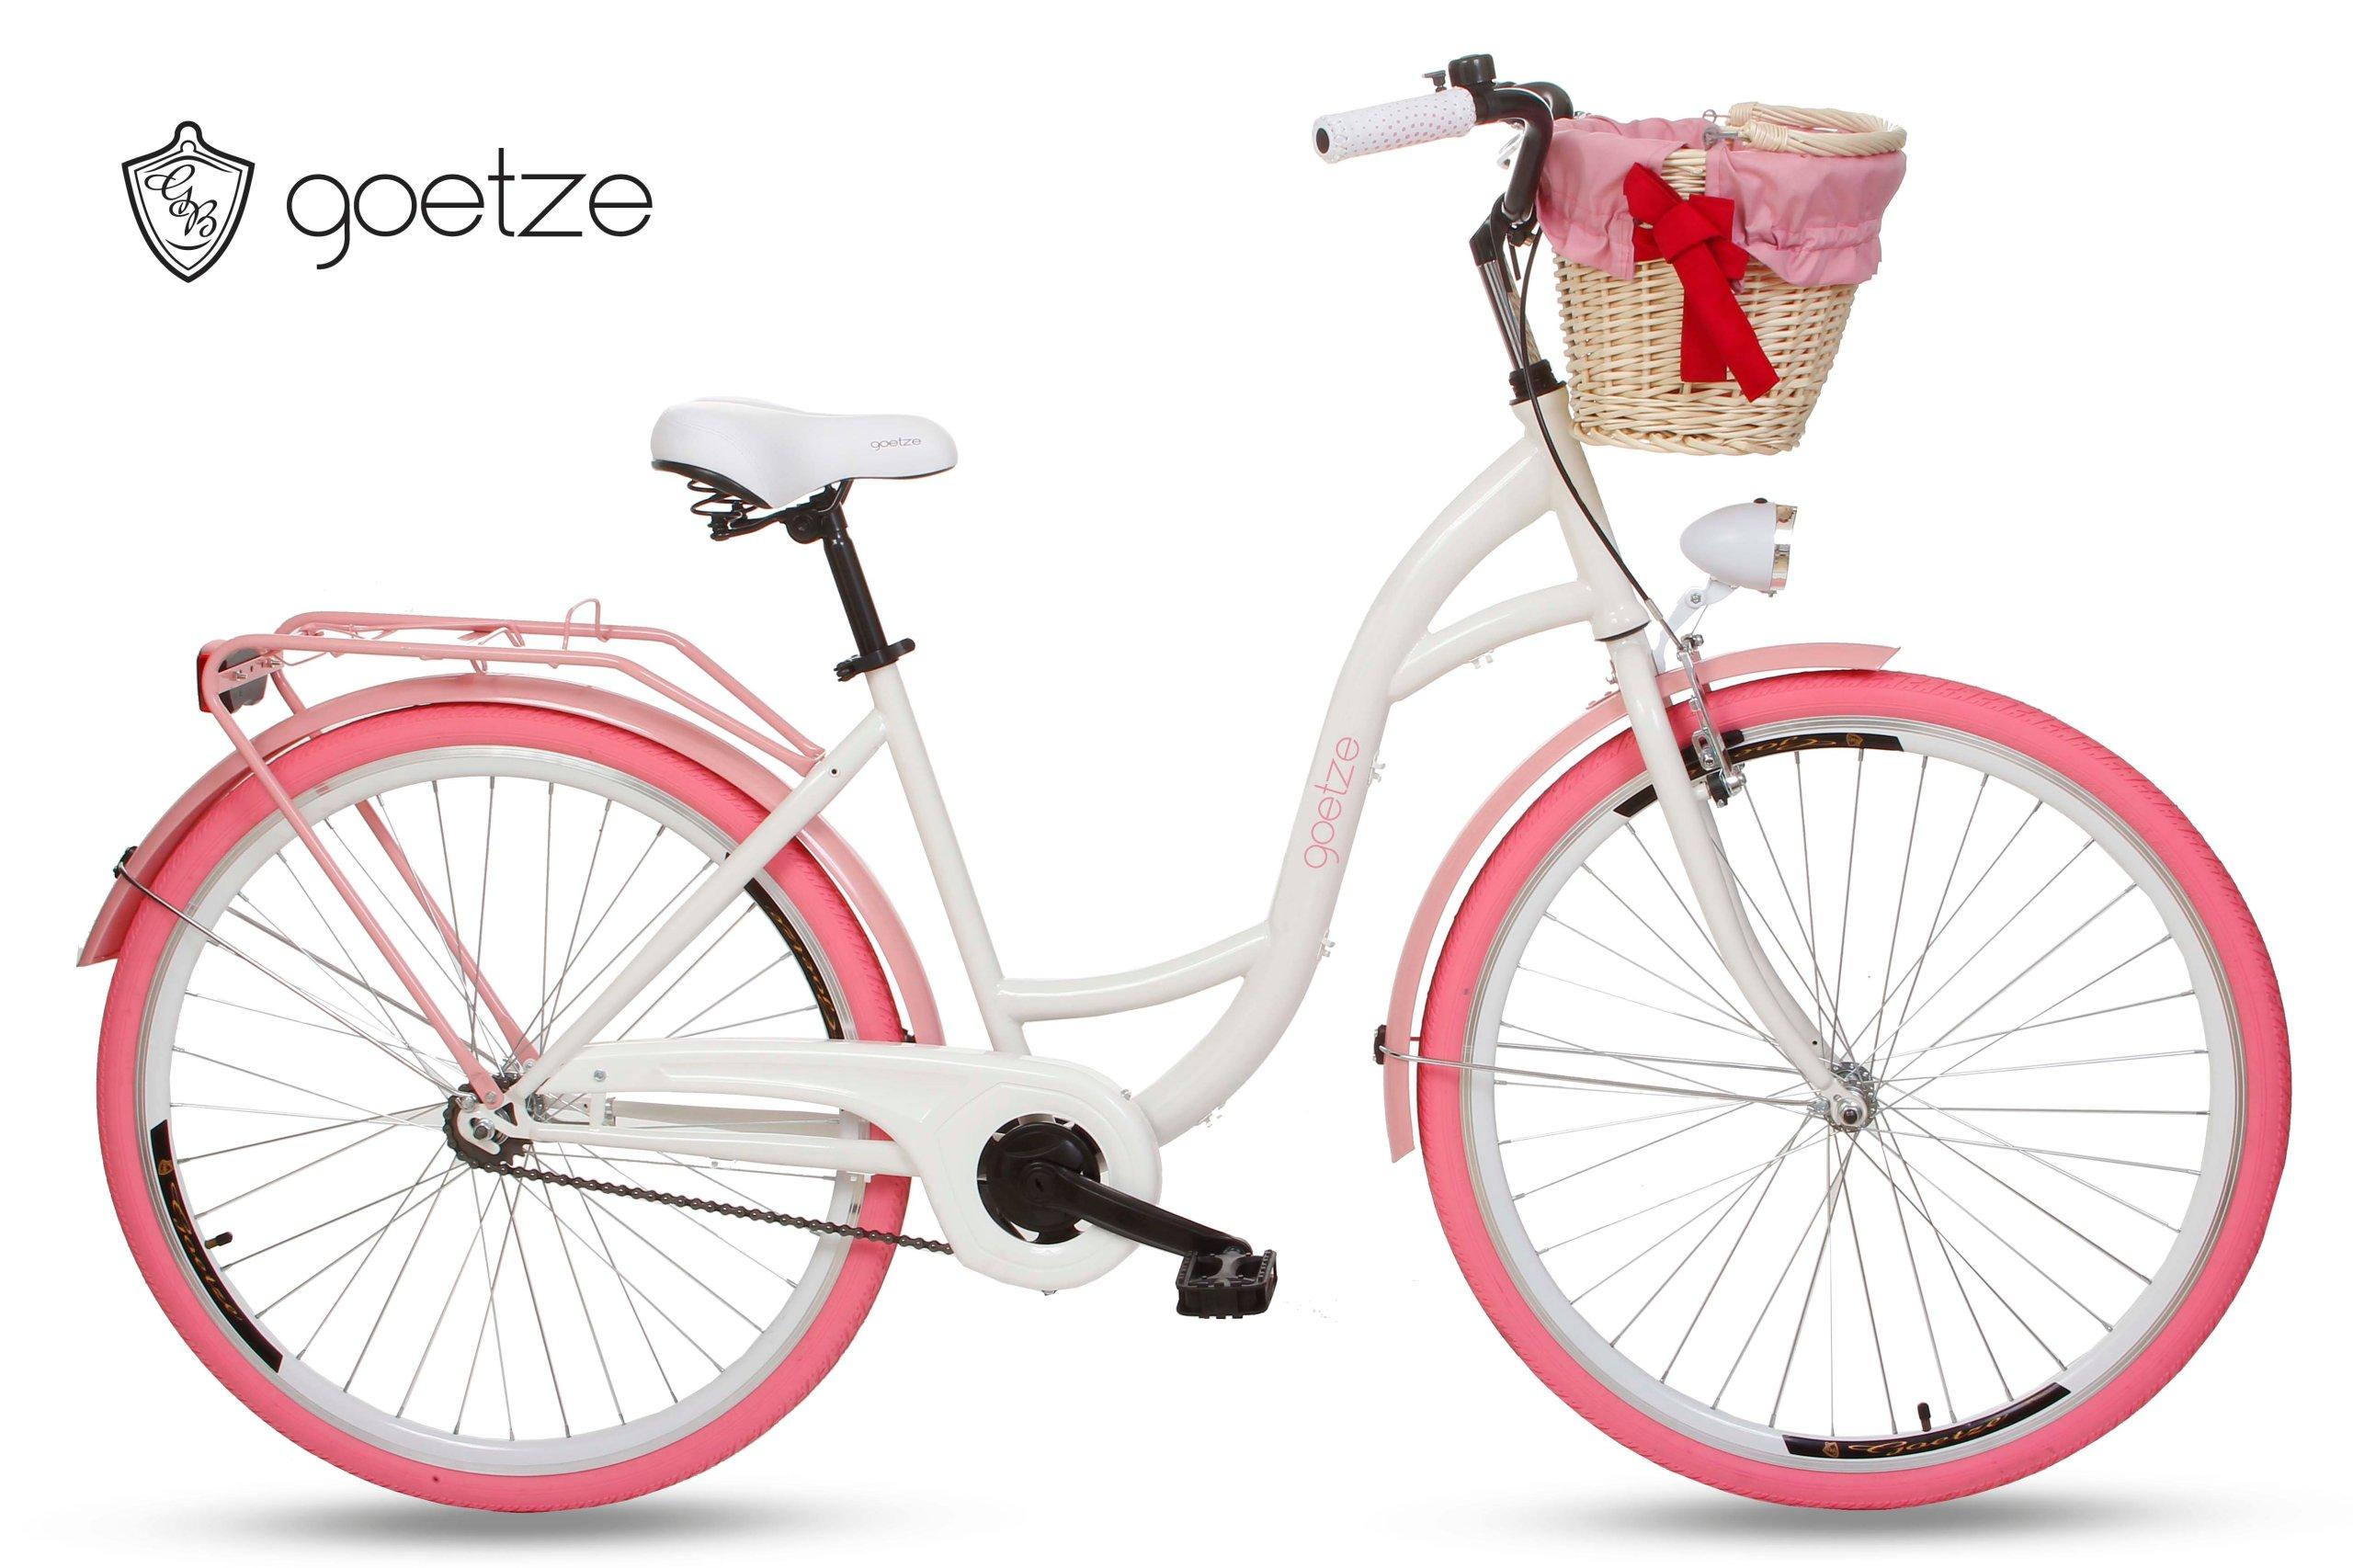 Ženské city Bike Goetze 28 ČUČORIEDKA kôš